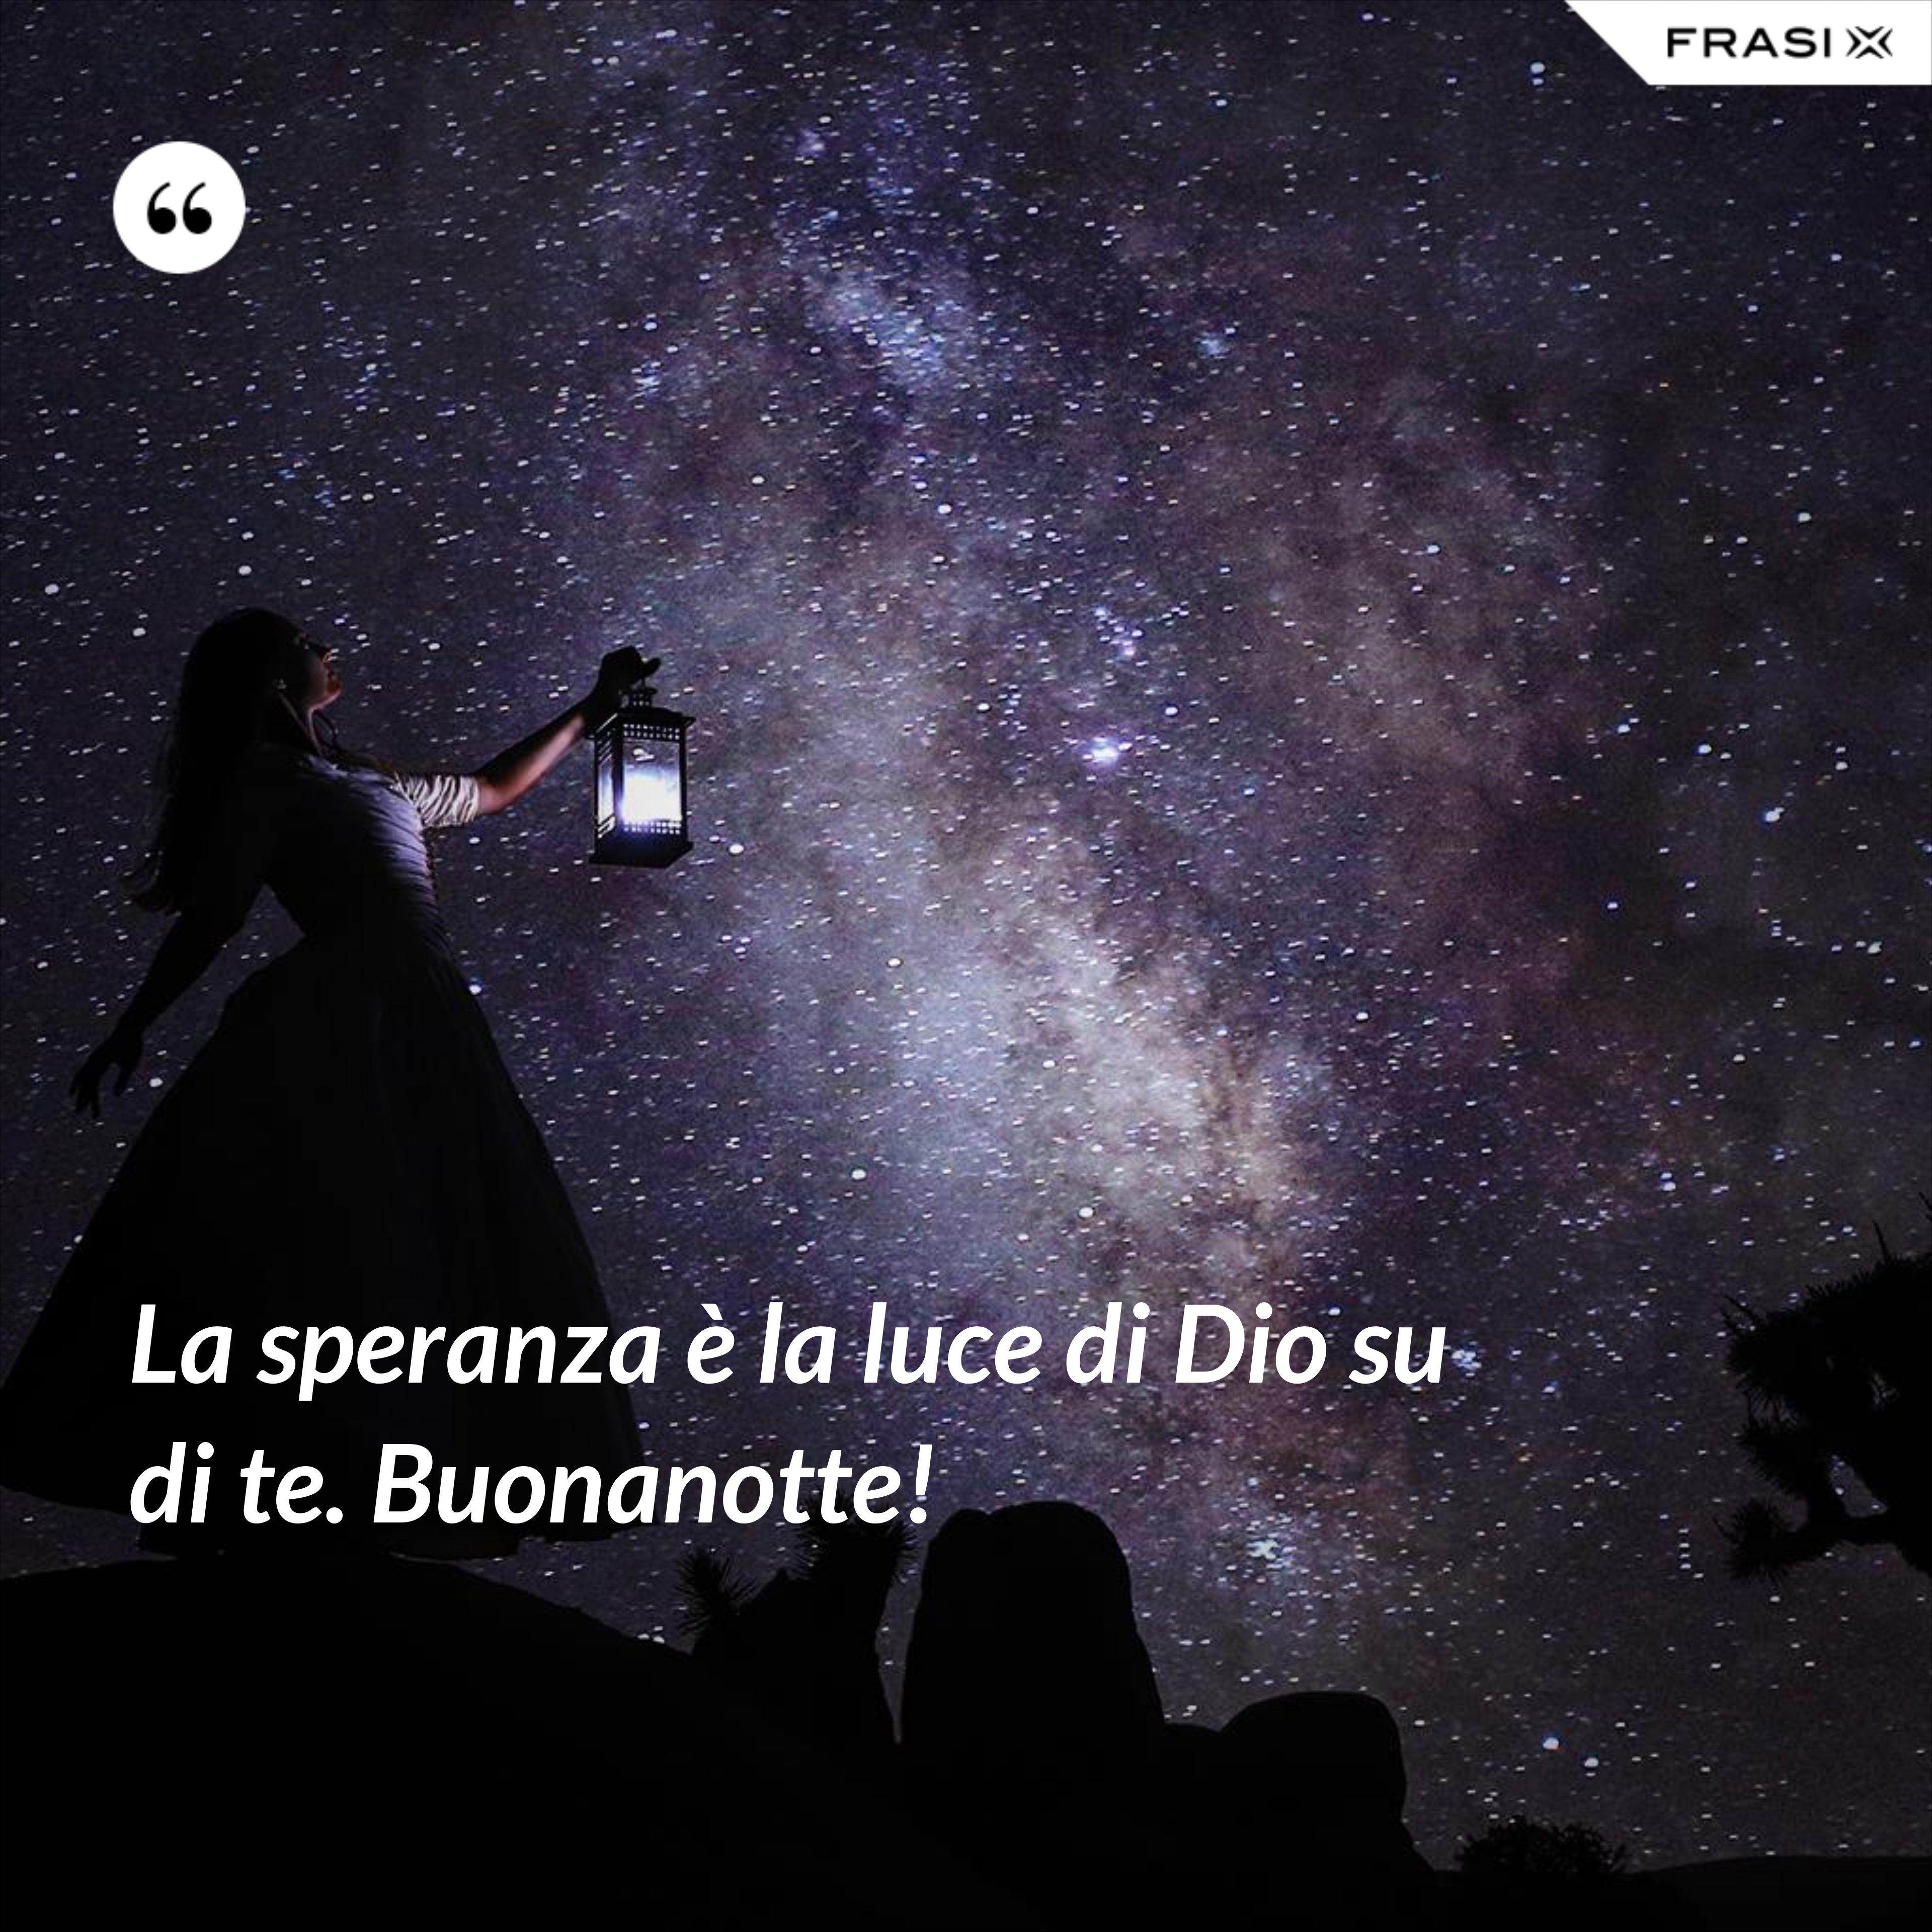 La speranza è la luce di Dio su di te. Buonanotte! - Anonimo